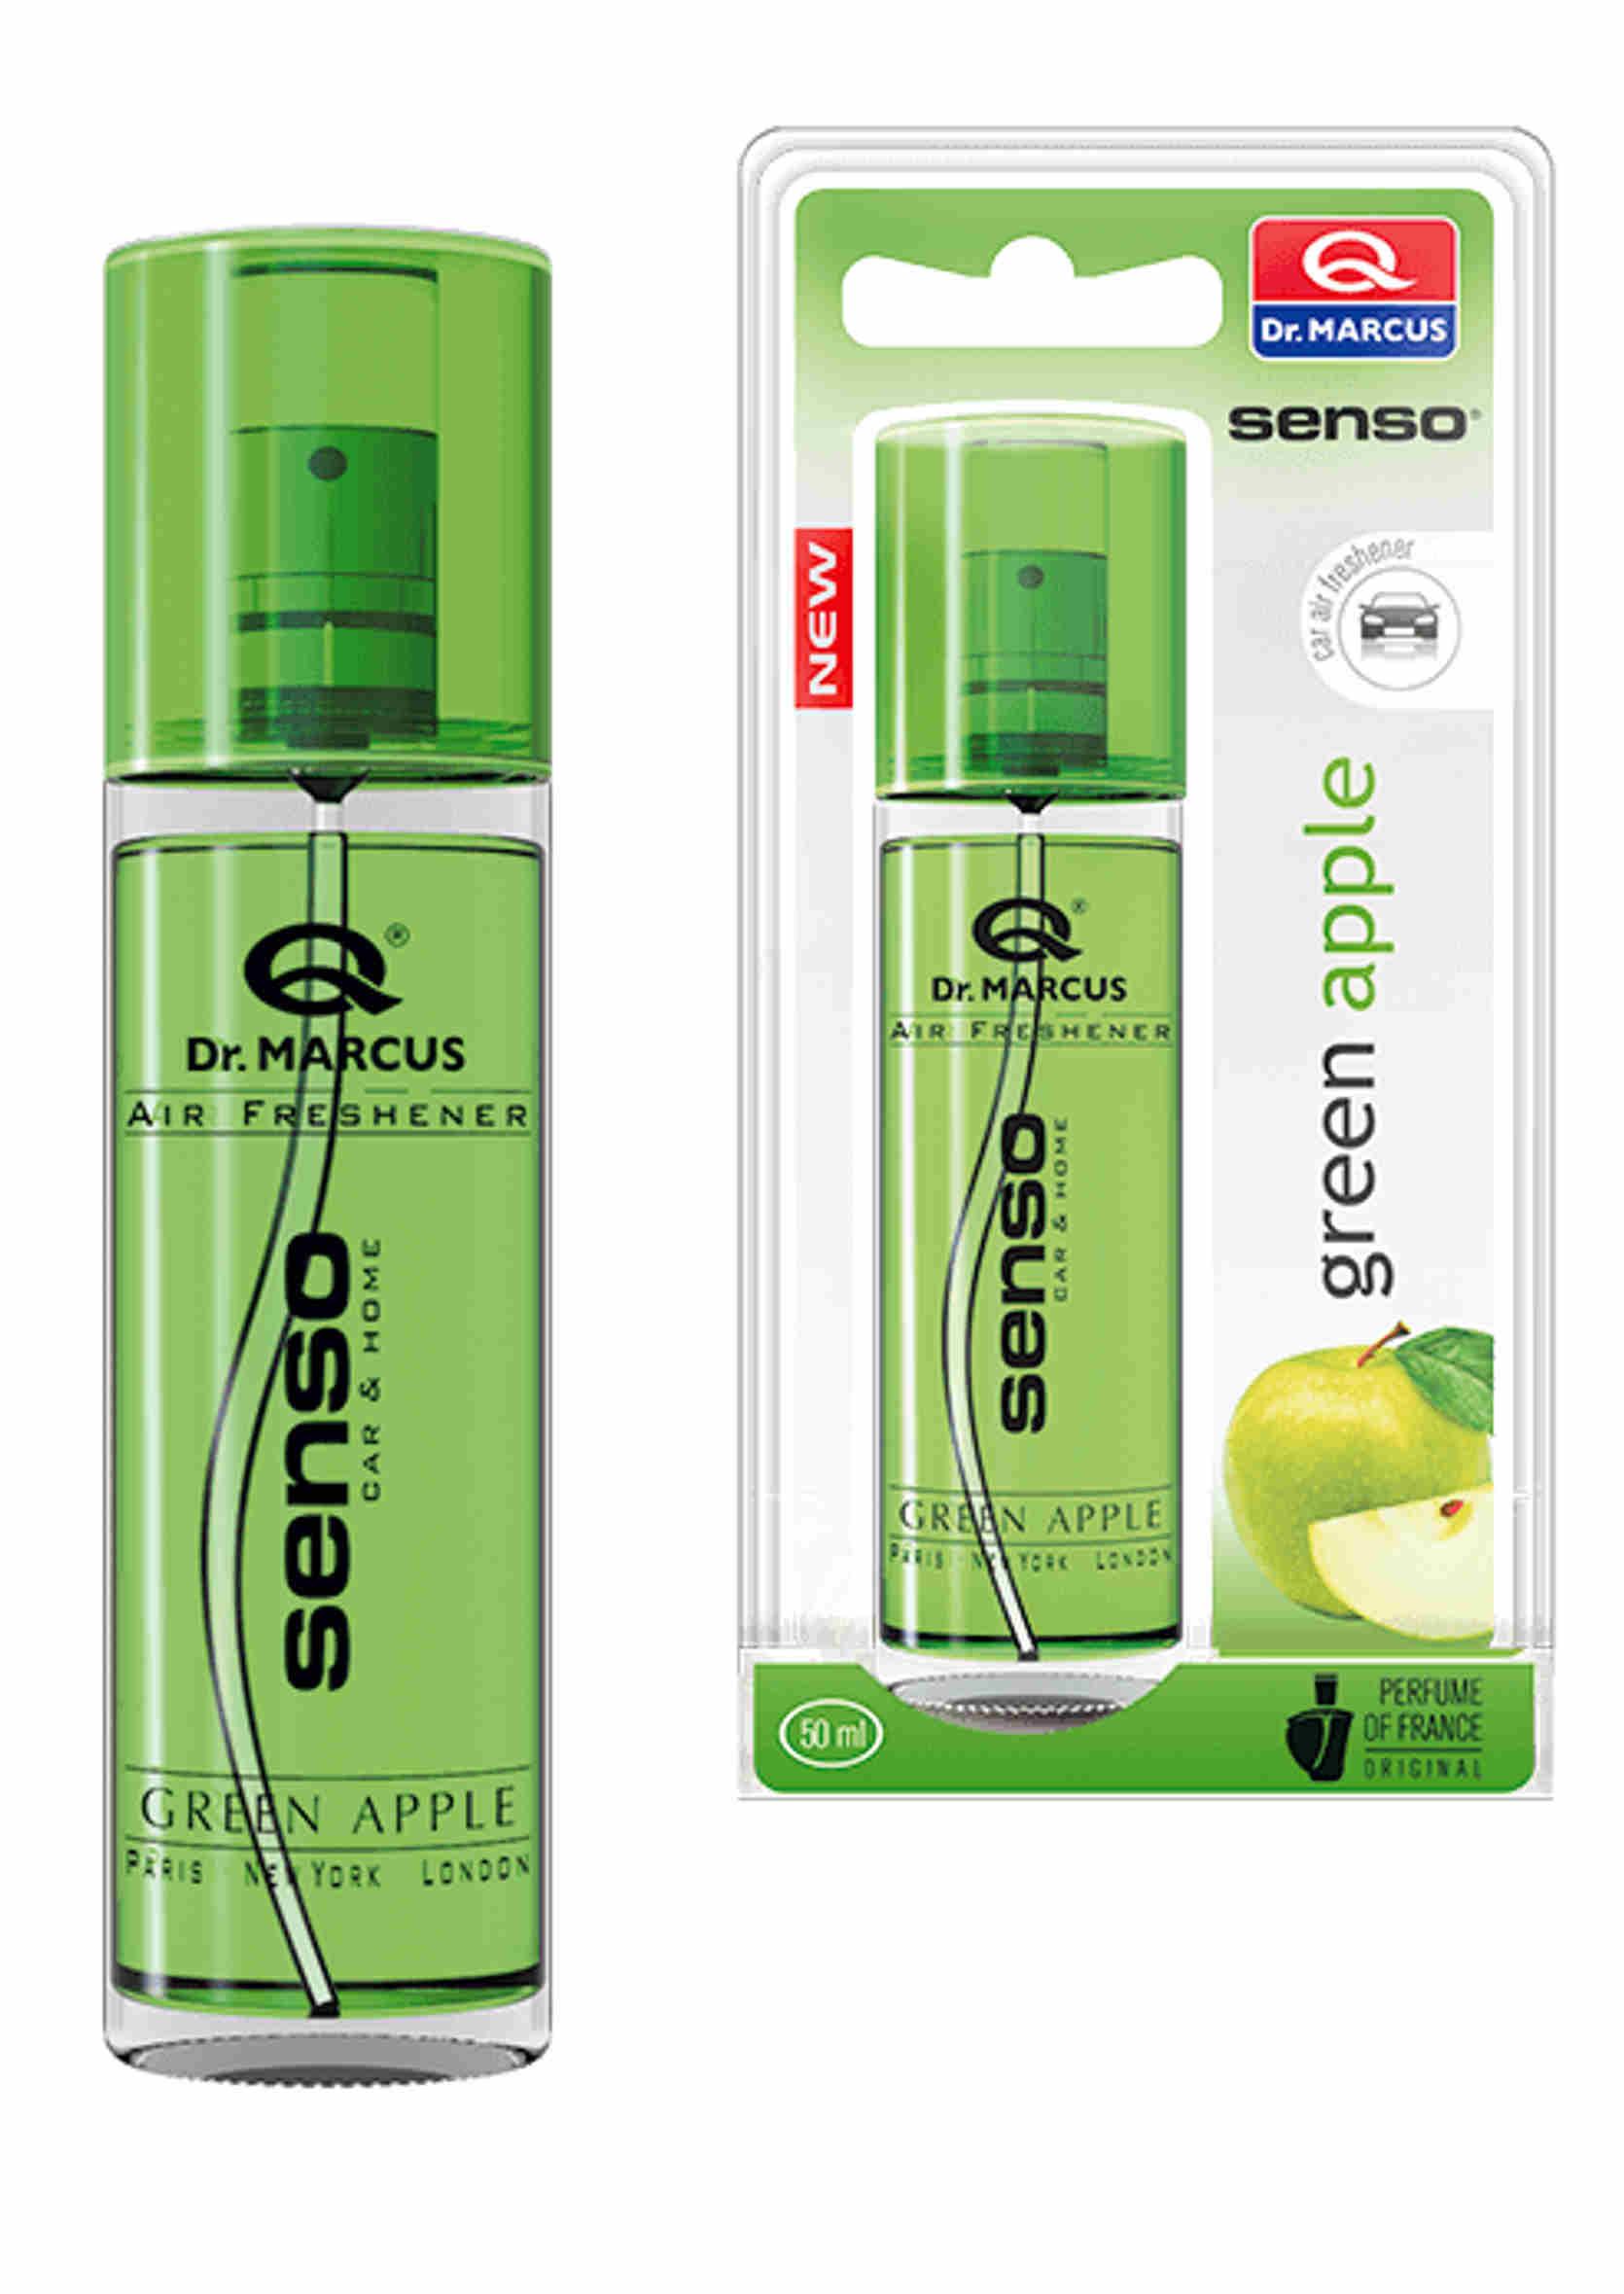 Dr. Marcus Senso Spray Green Apple 50ml Zapach Samochodowy w Sprayu